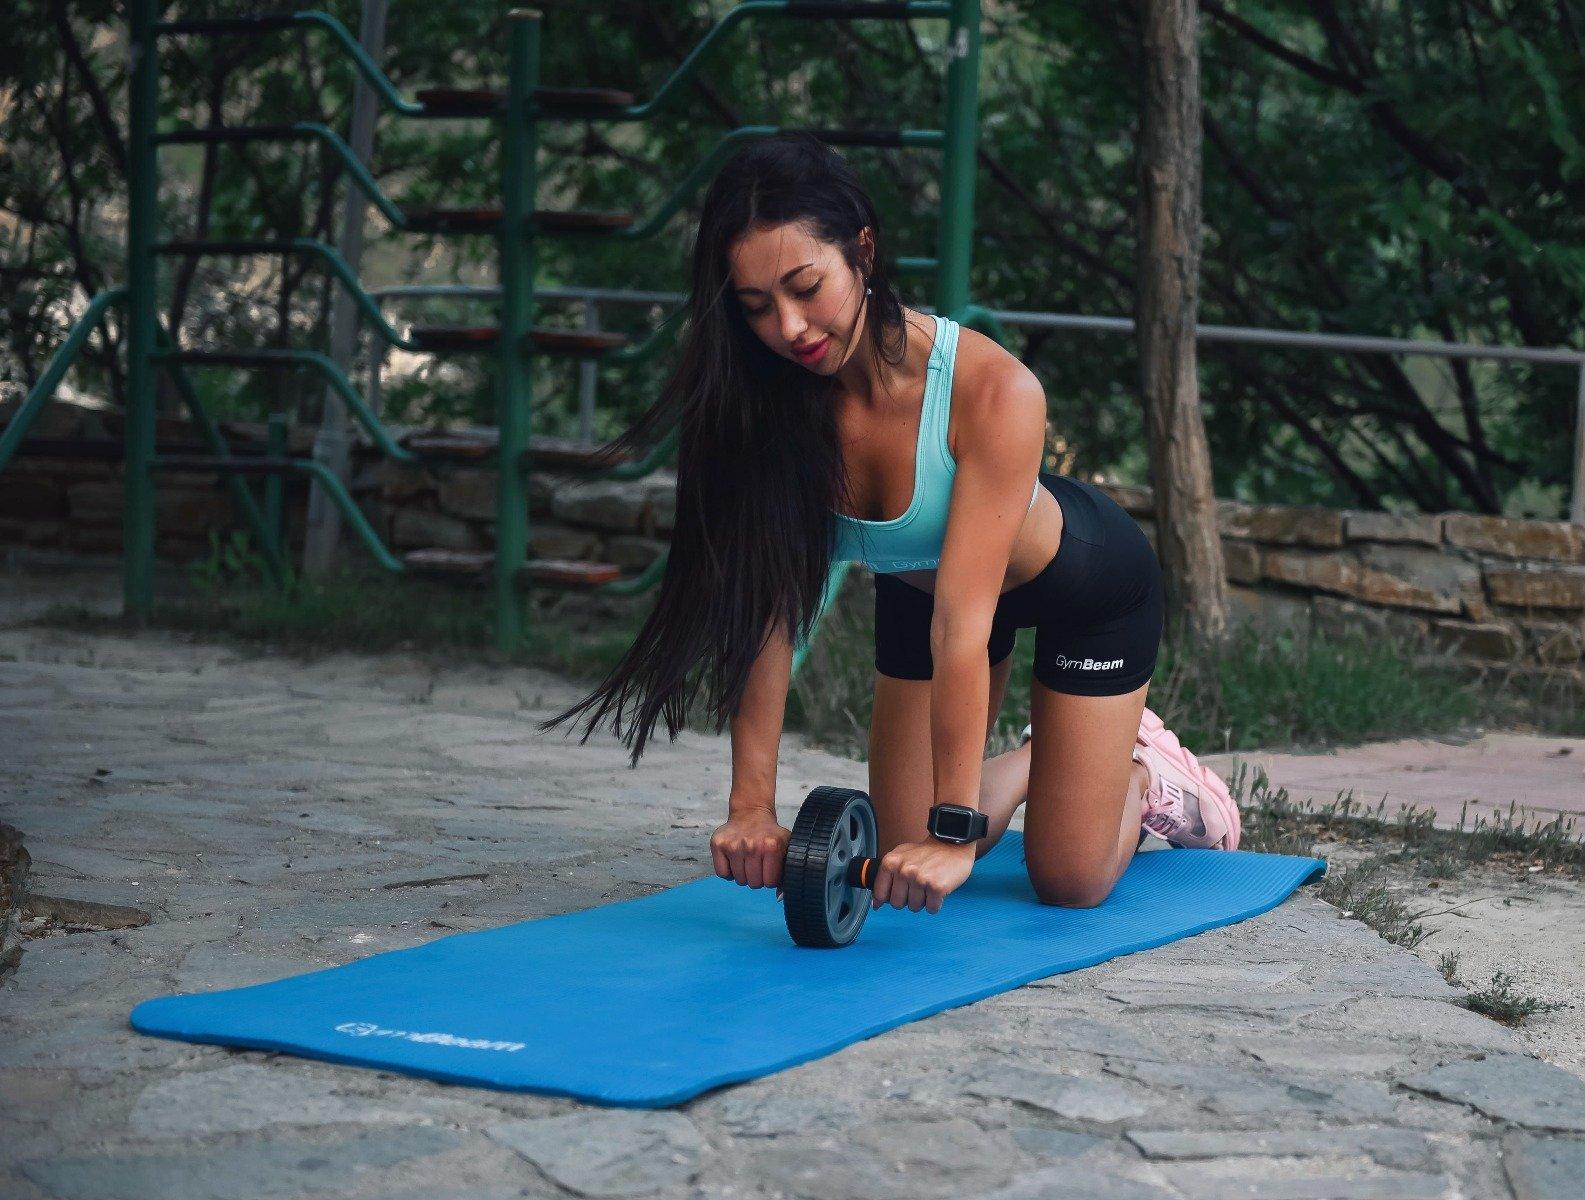 Roata fitness ajută la întărirea mușchilor abdominali